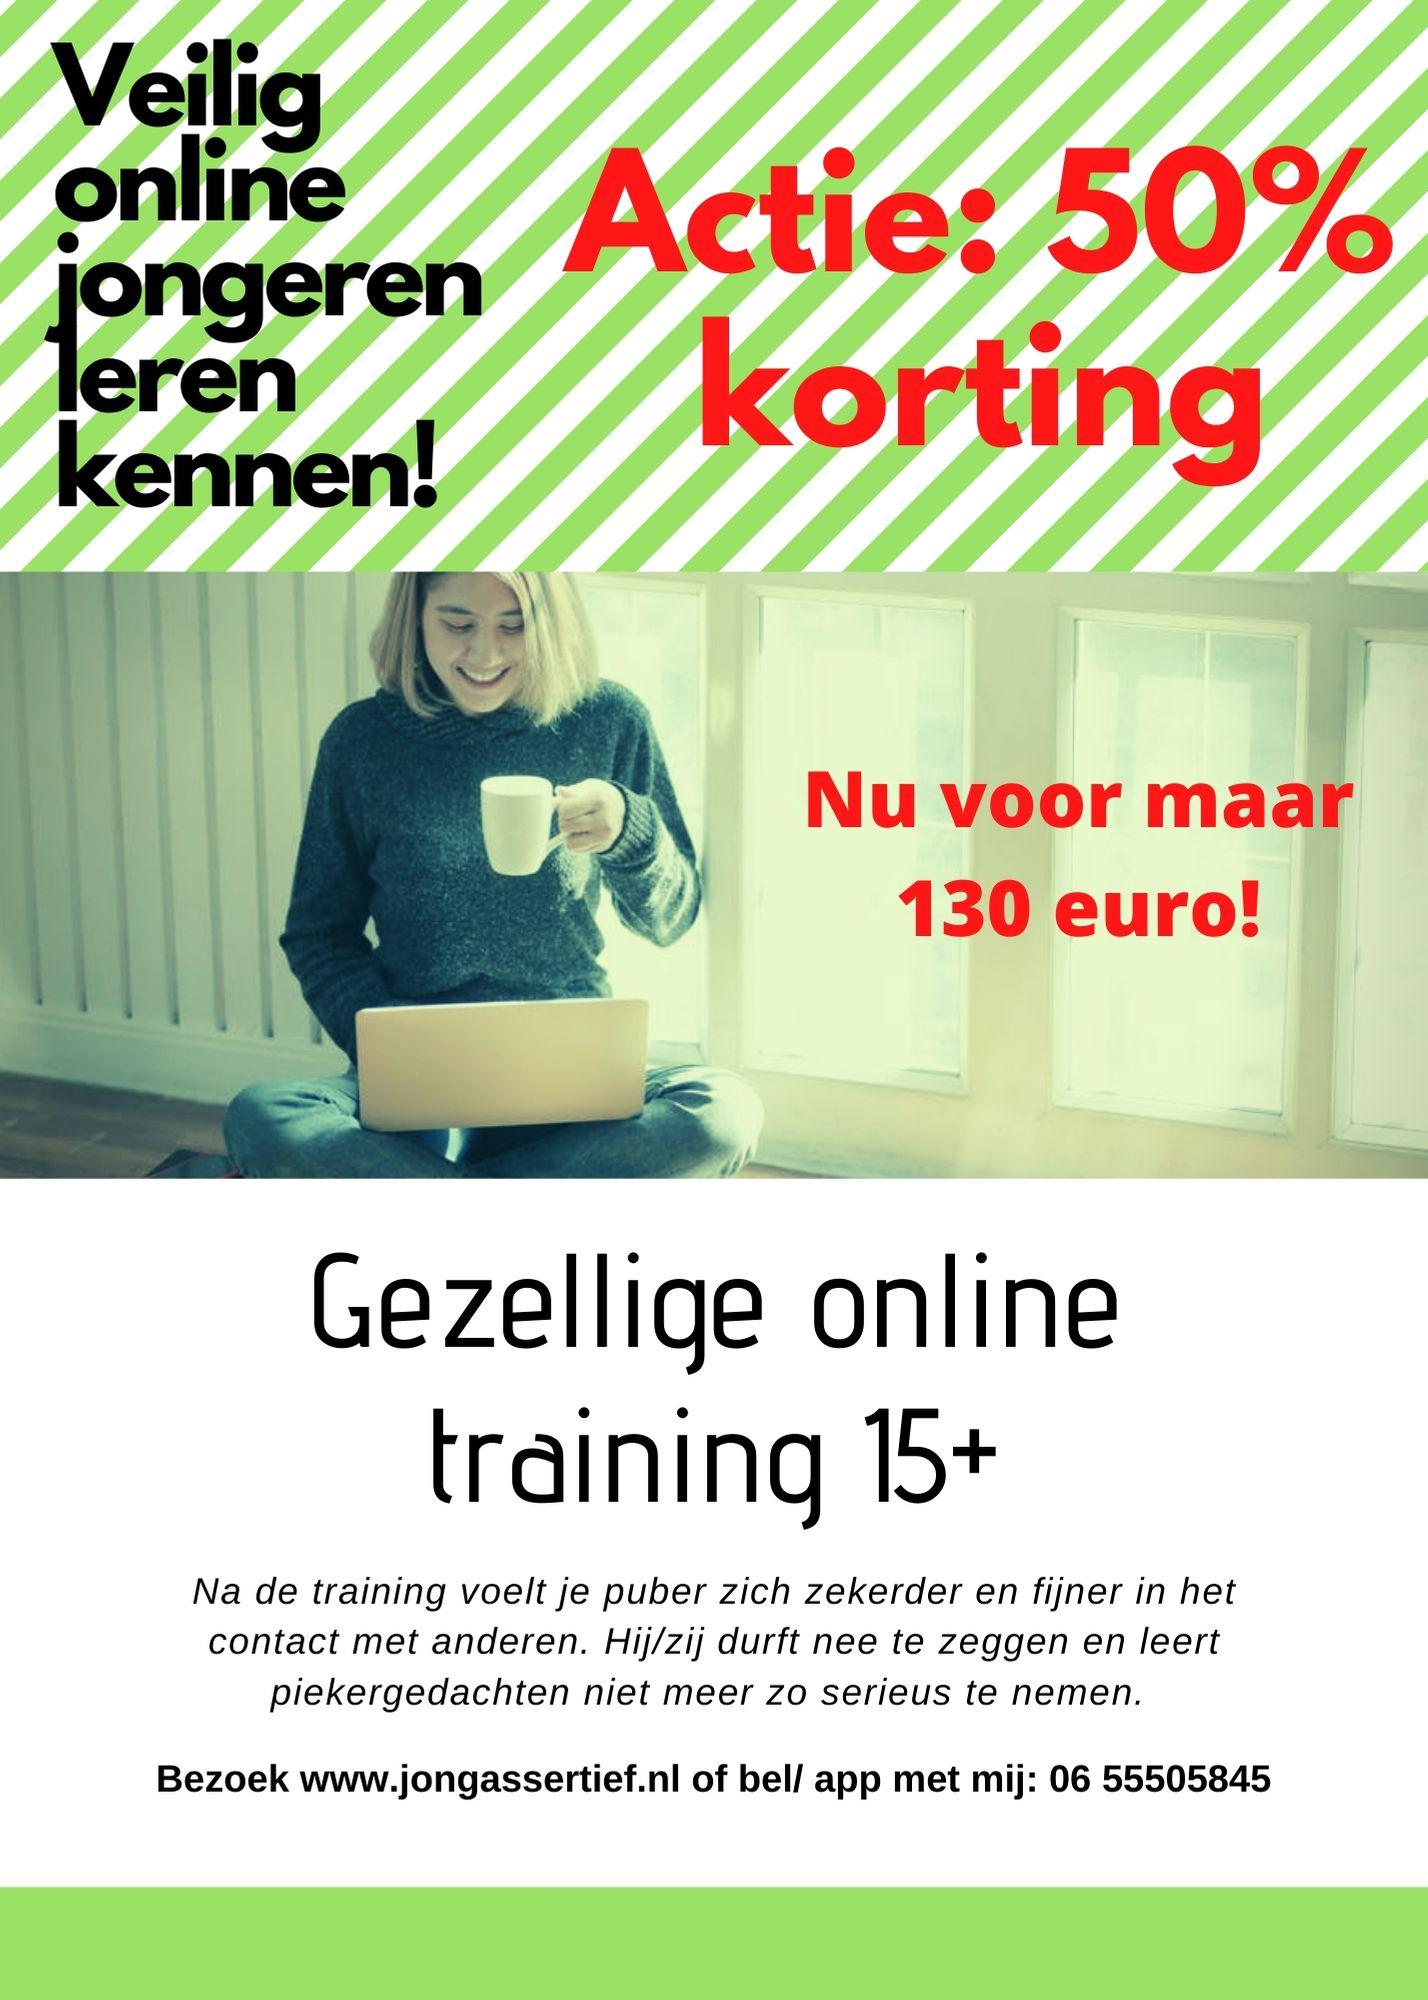 Jongeren training online